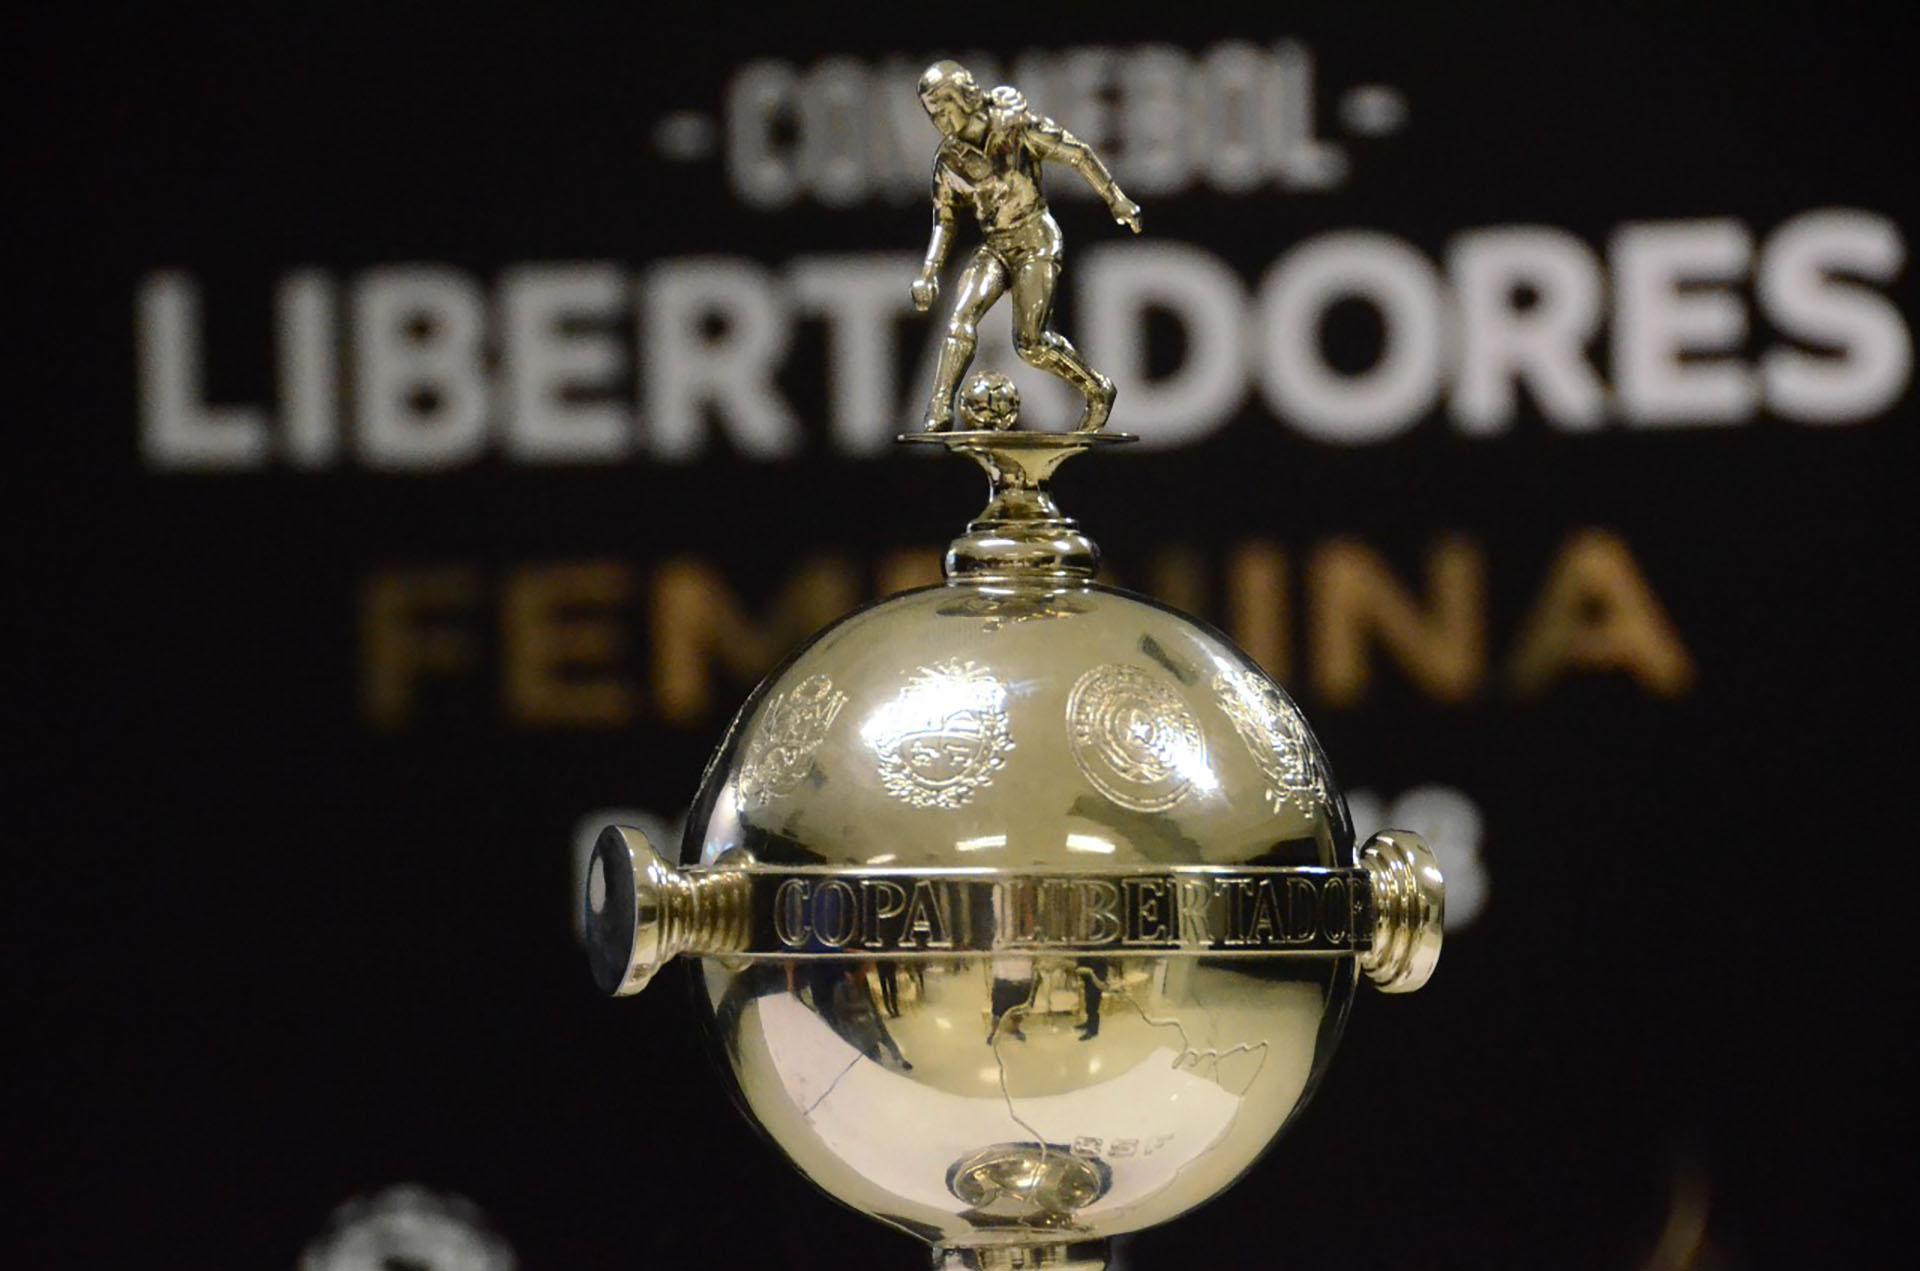 La Copa Libertadores femenina comienza este domingo en Manaos (Crédito Prensa UAI Urquiza)